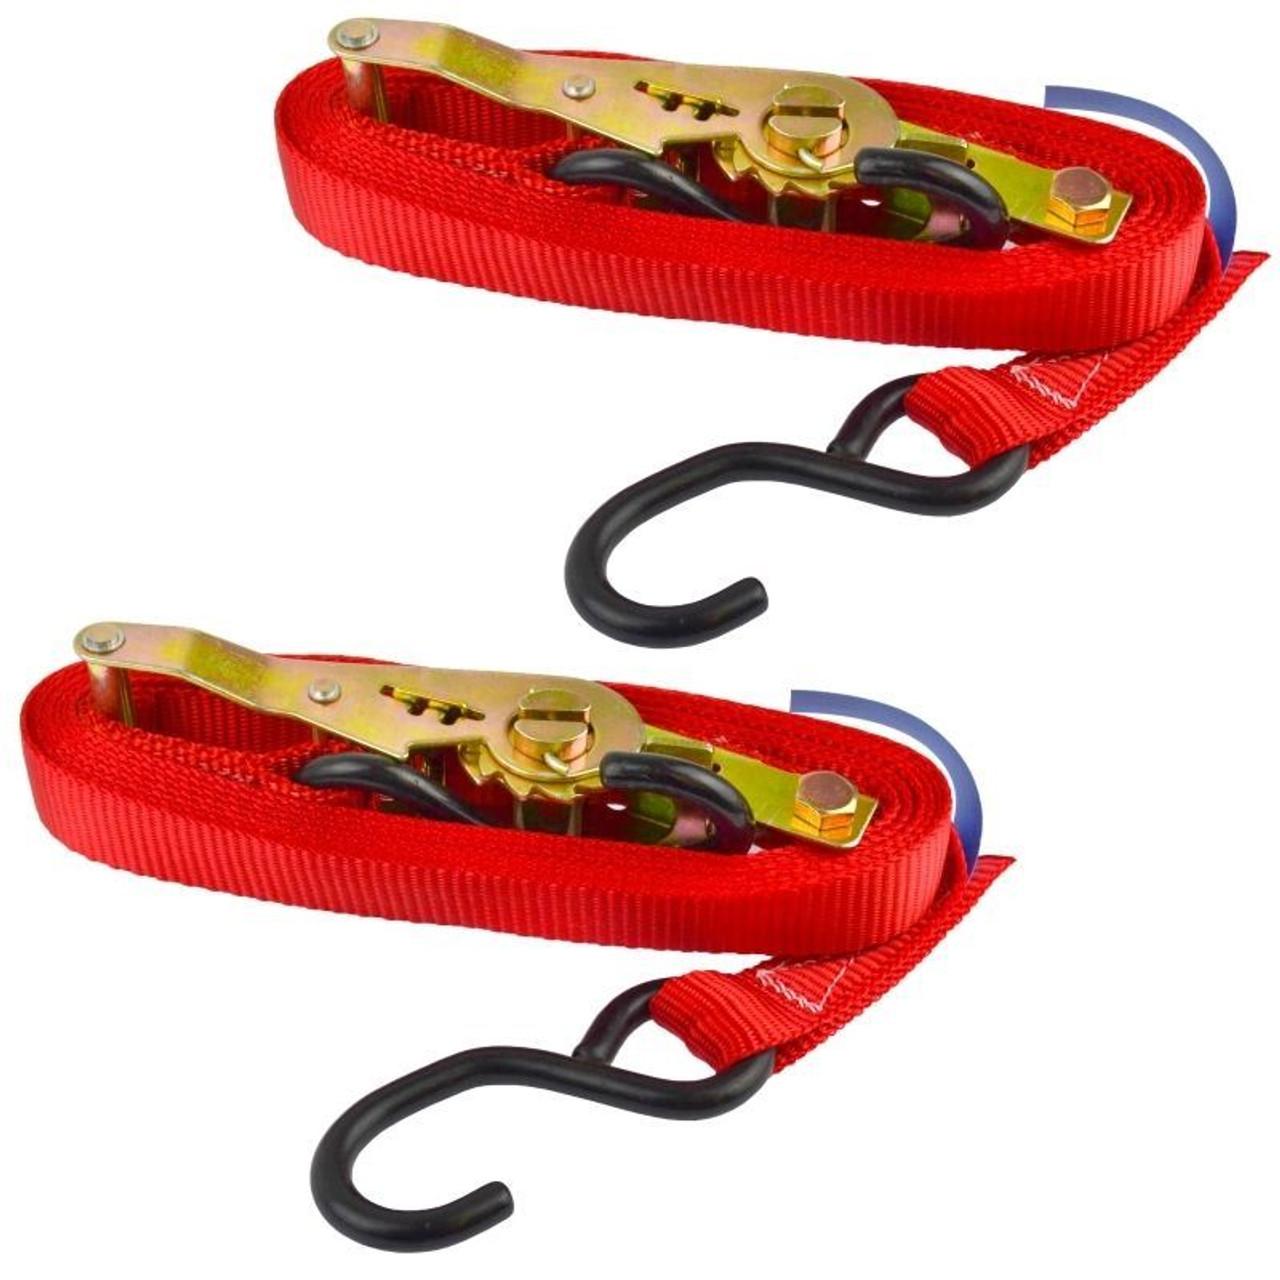 Red Ratchet Strap Tie Down Trailer 4m Hook Cargo Strap 325kg Lashing x 2 (Pair)